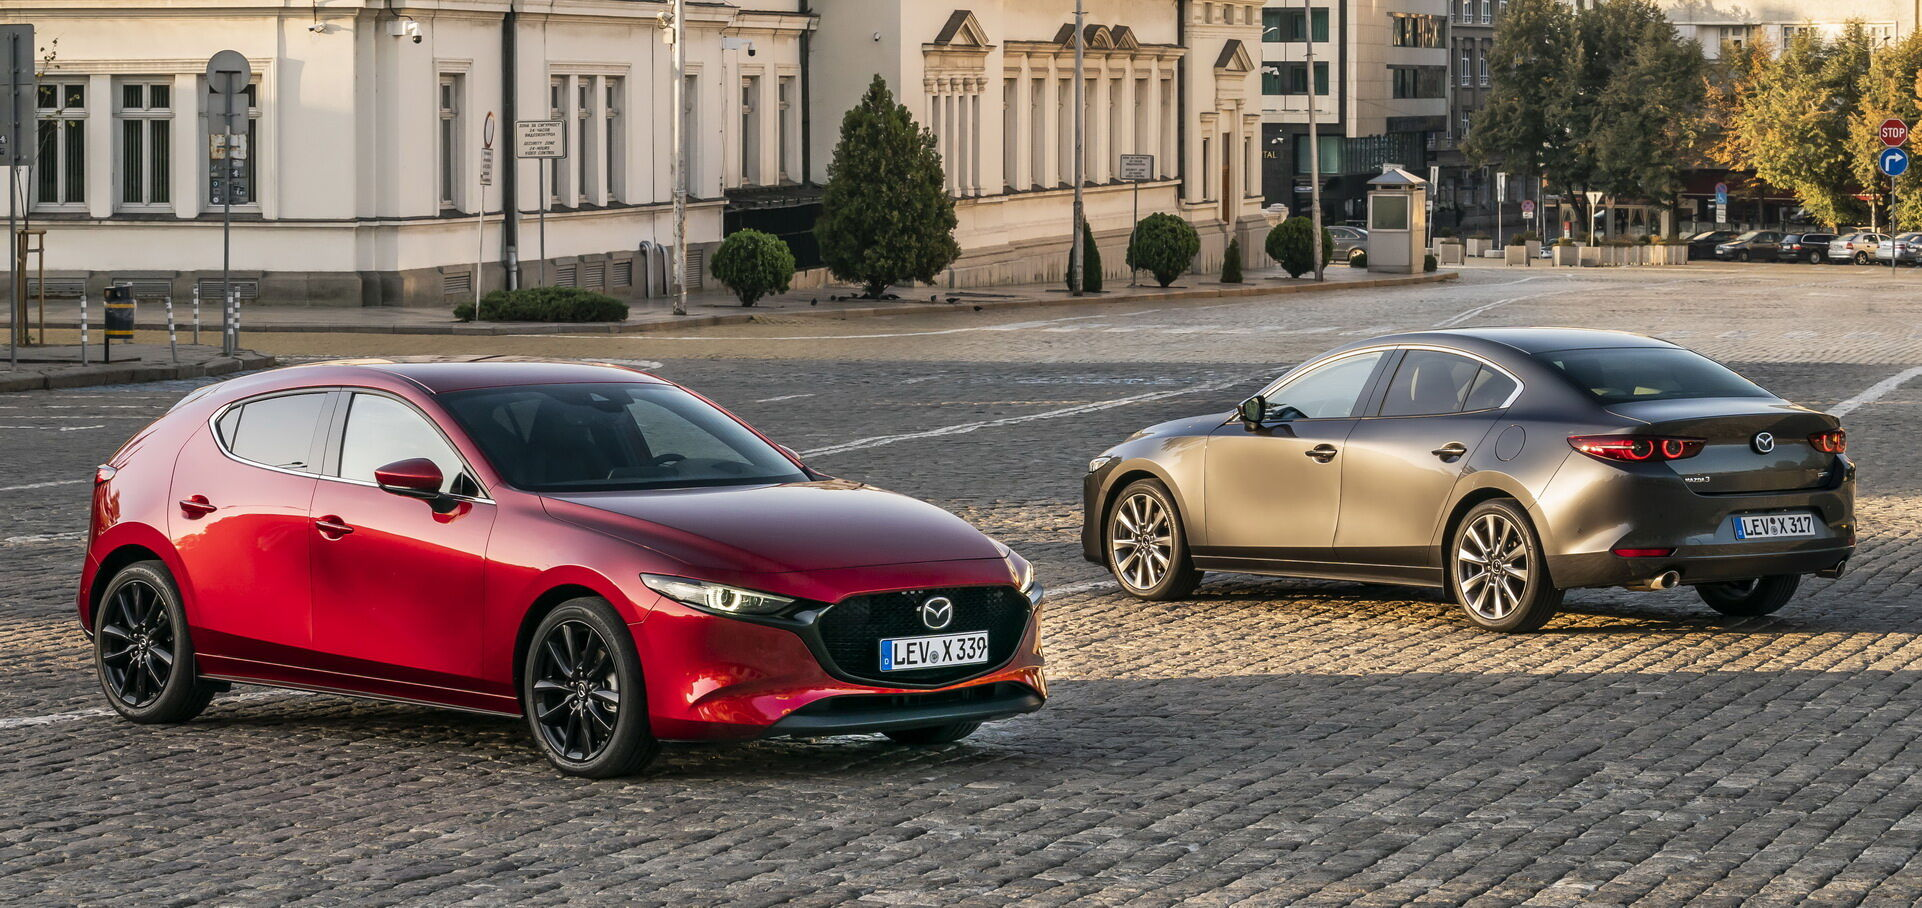 Mazda3 отримала престижну нагороду WCOTY 2020 за дизайн